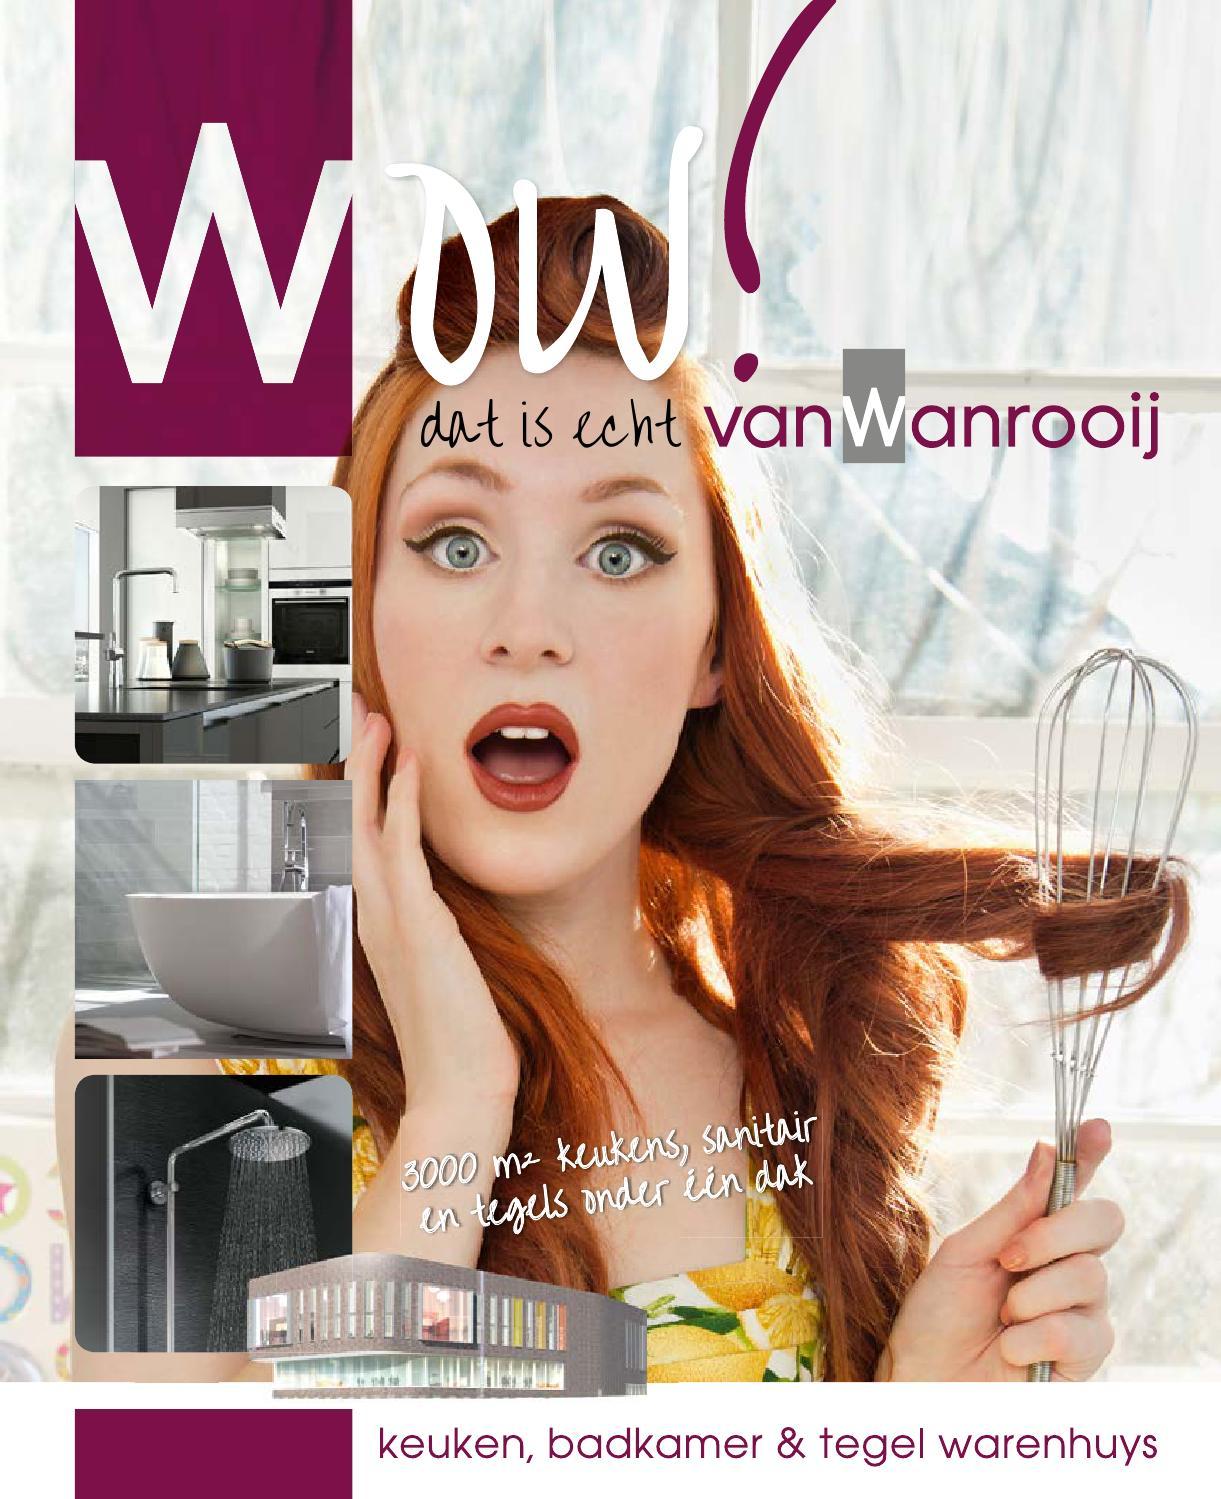 Magazine van wanrooij warenhuys by van wanrooij bouw en ...